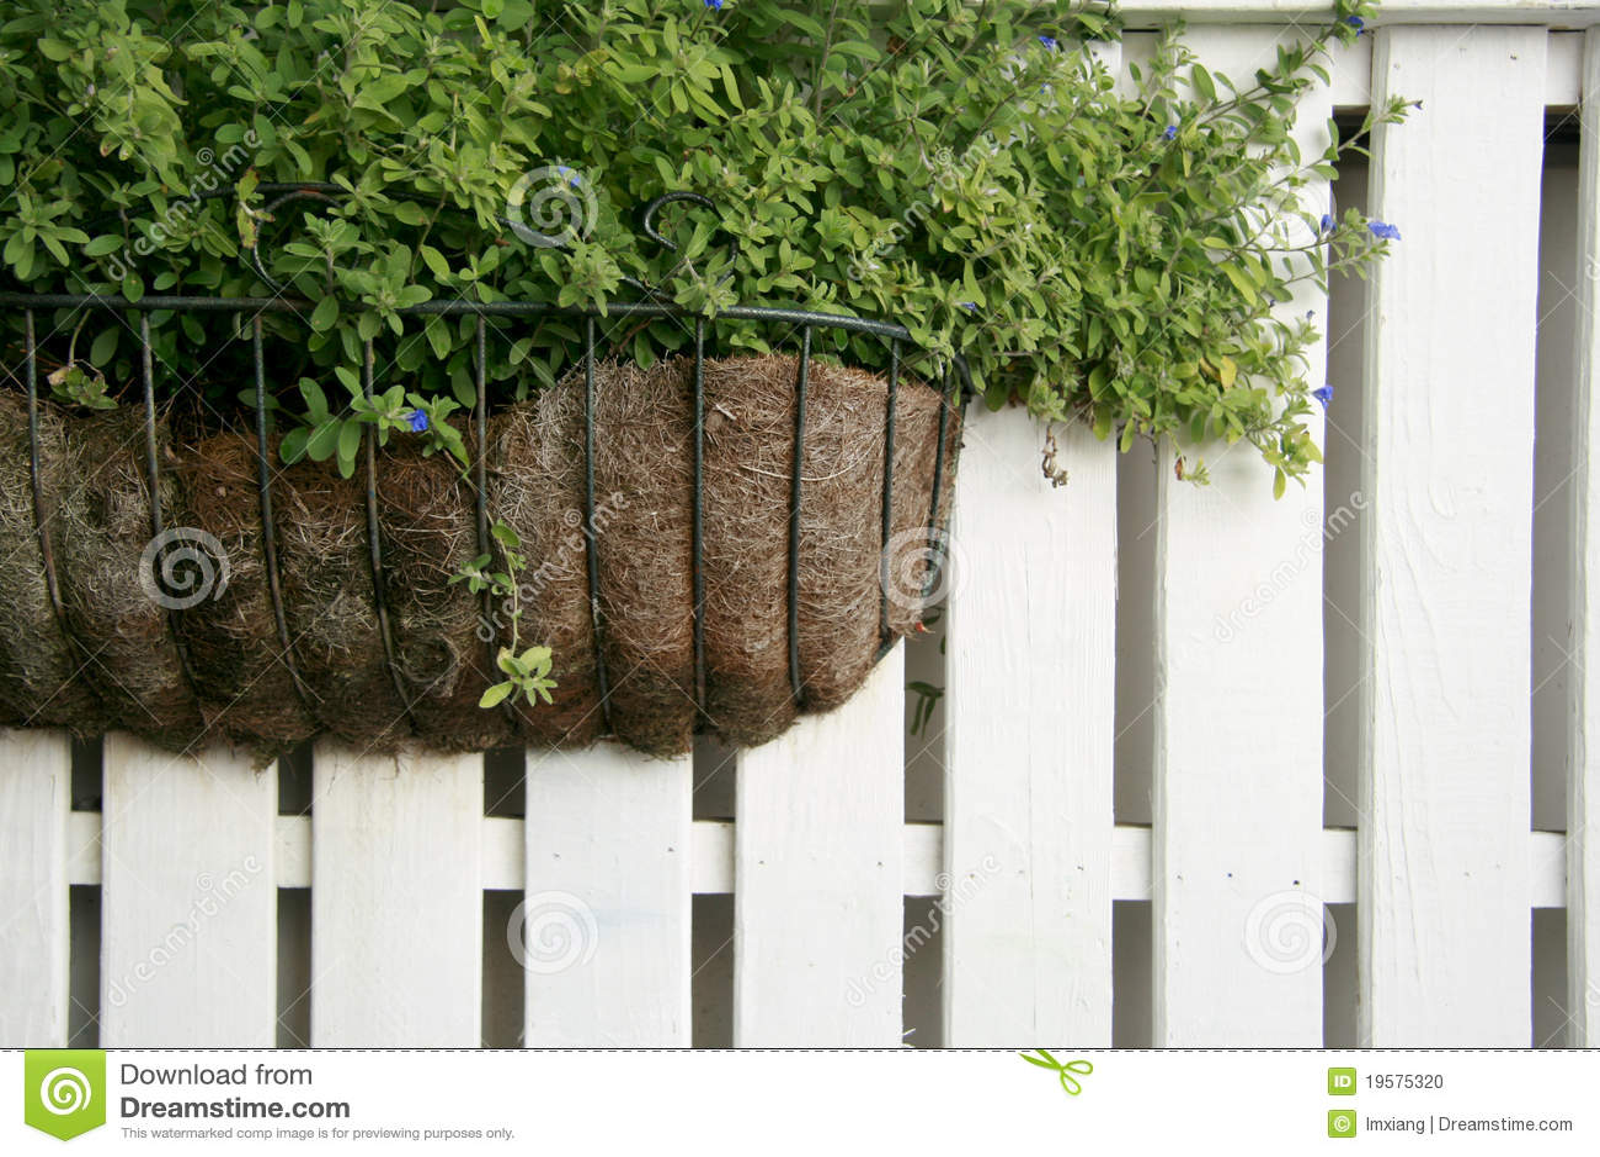 cerca para jardim branca : cerca para jardim branca:Planta Na Cerca De Madeira Branca Foto de Stock – Imagem: 19575320